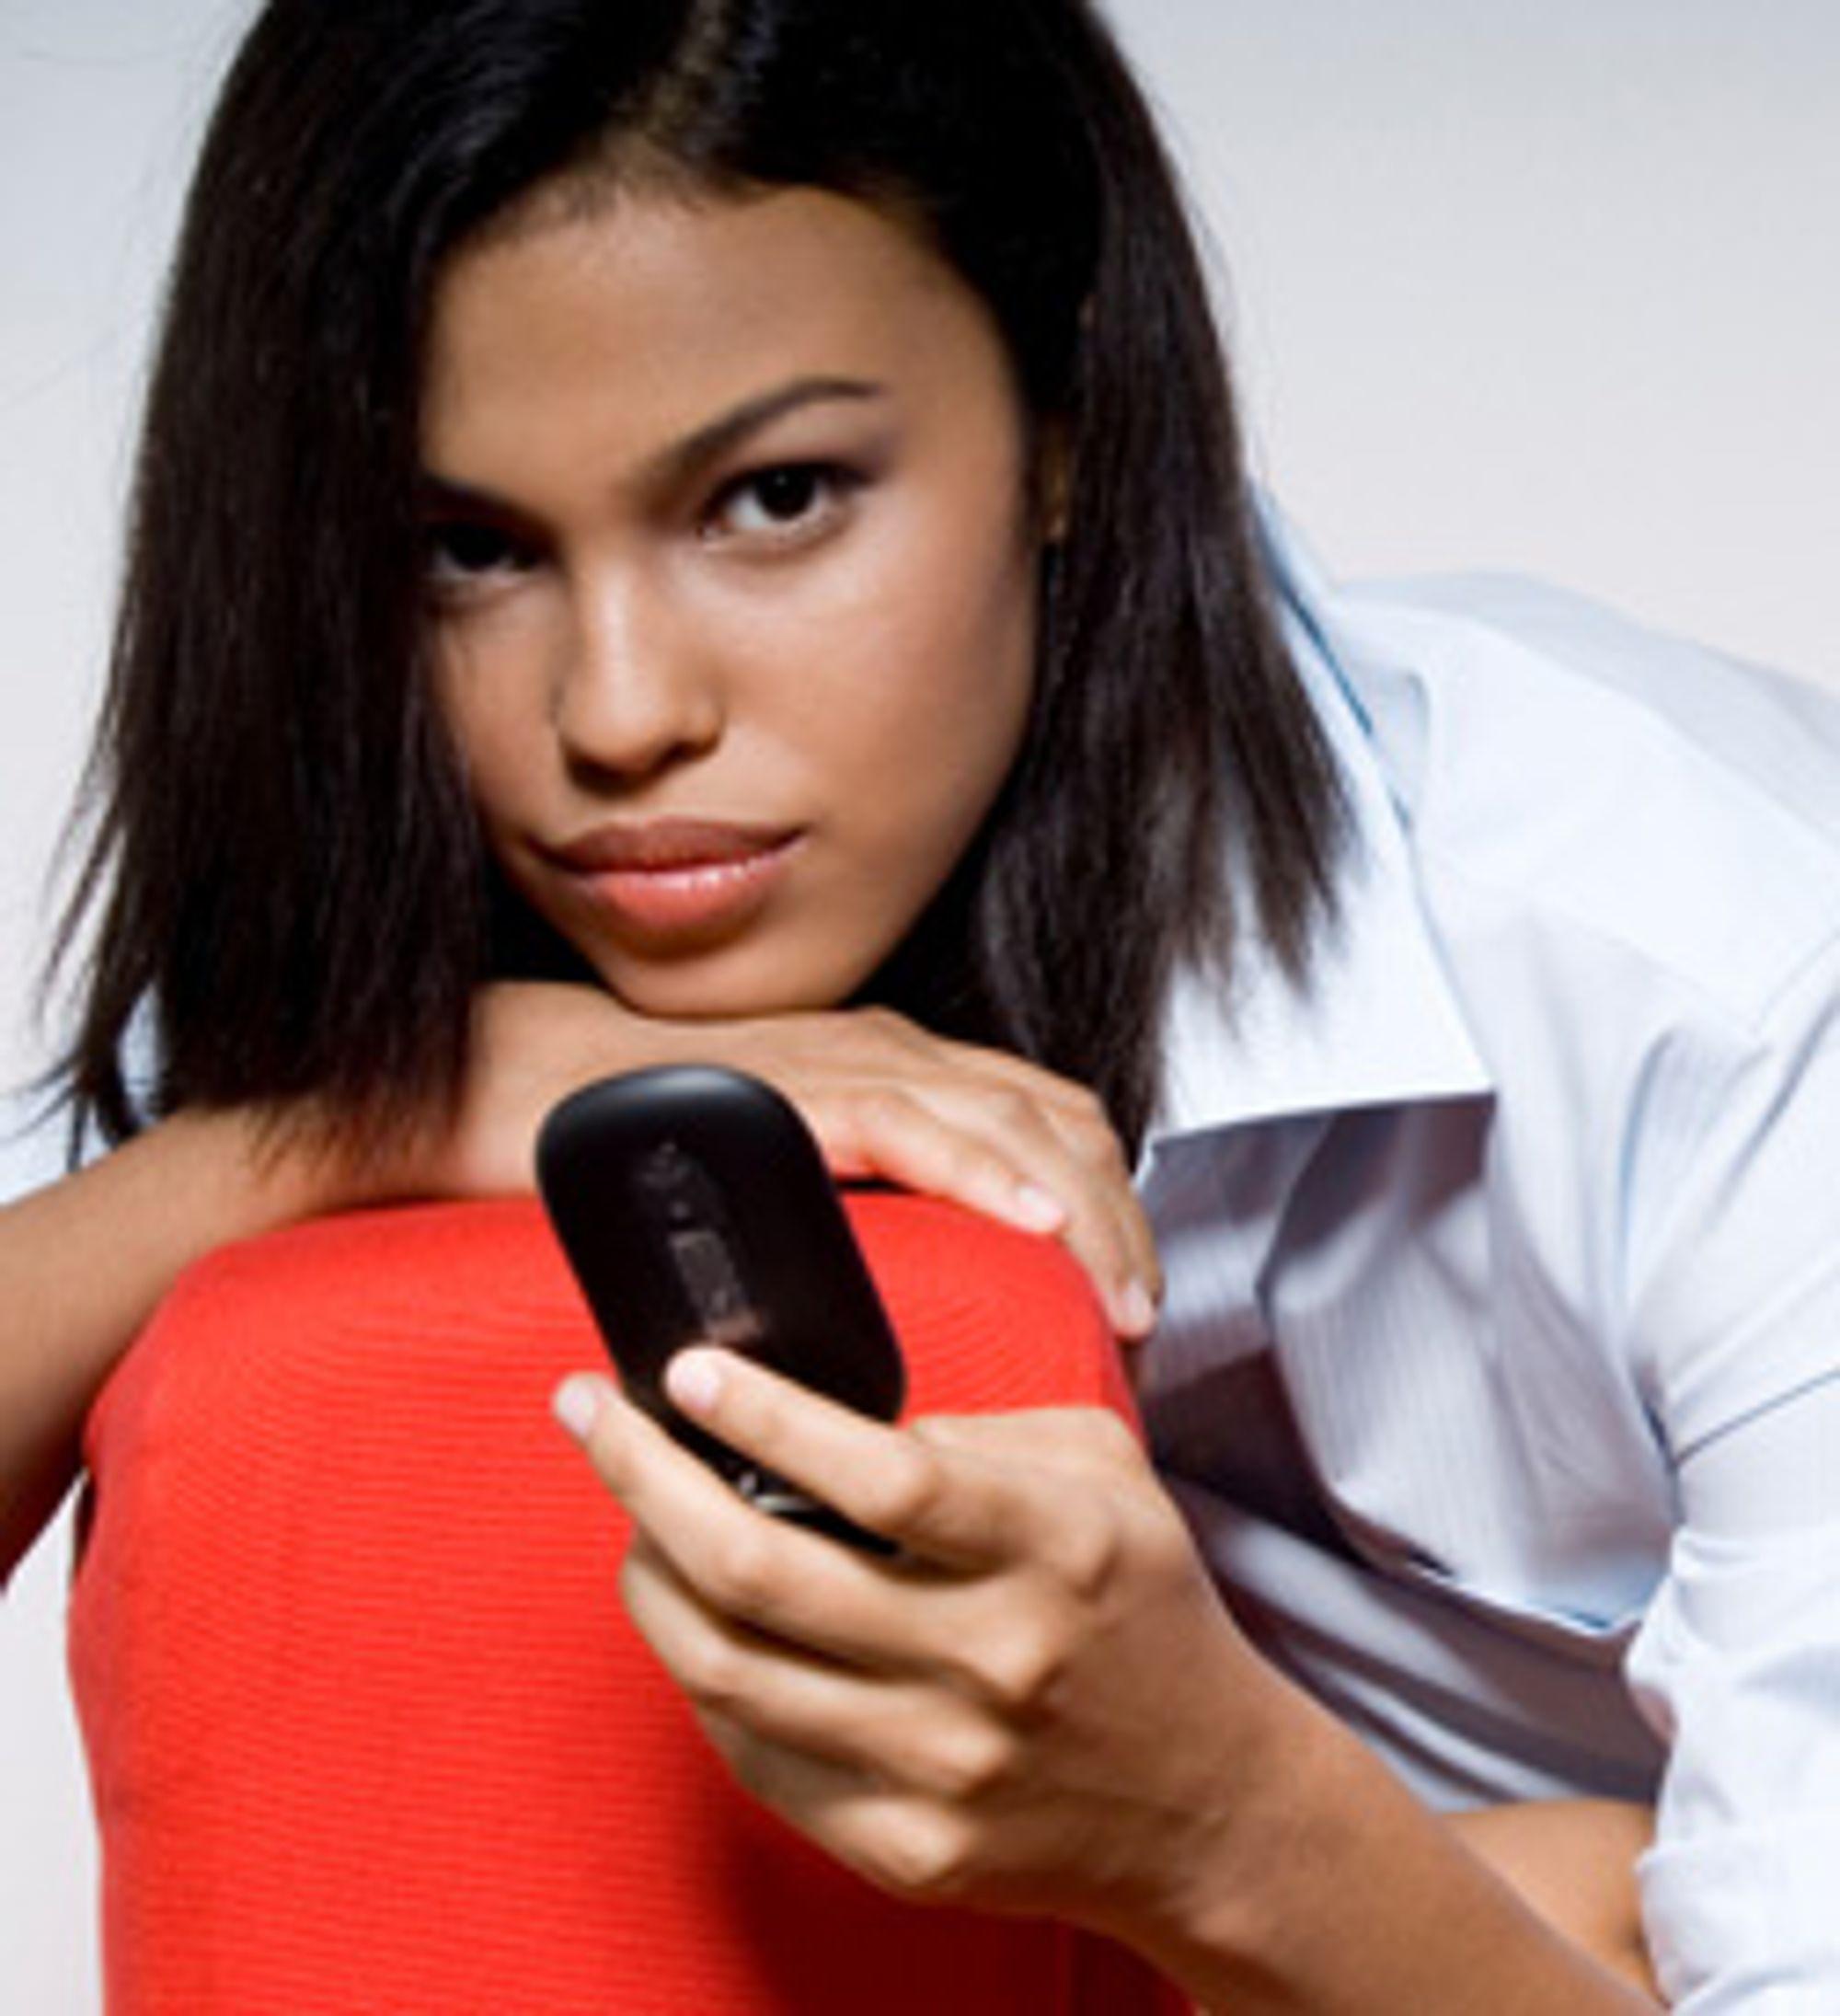 Foretrekker du å sende SMS fremfor å ringe? (Foto: Istockphoto / Phil Date)